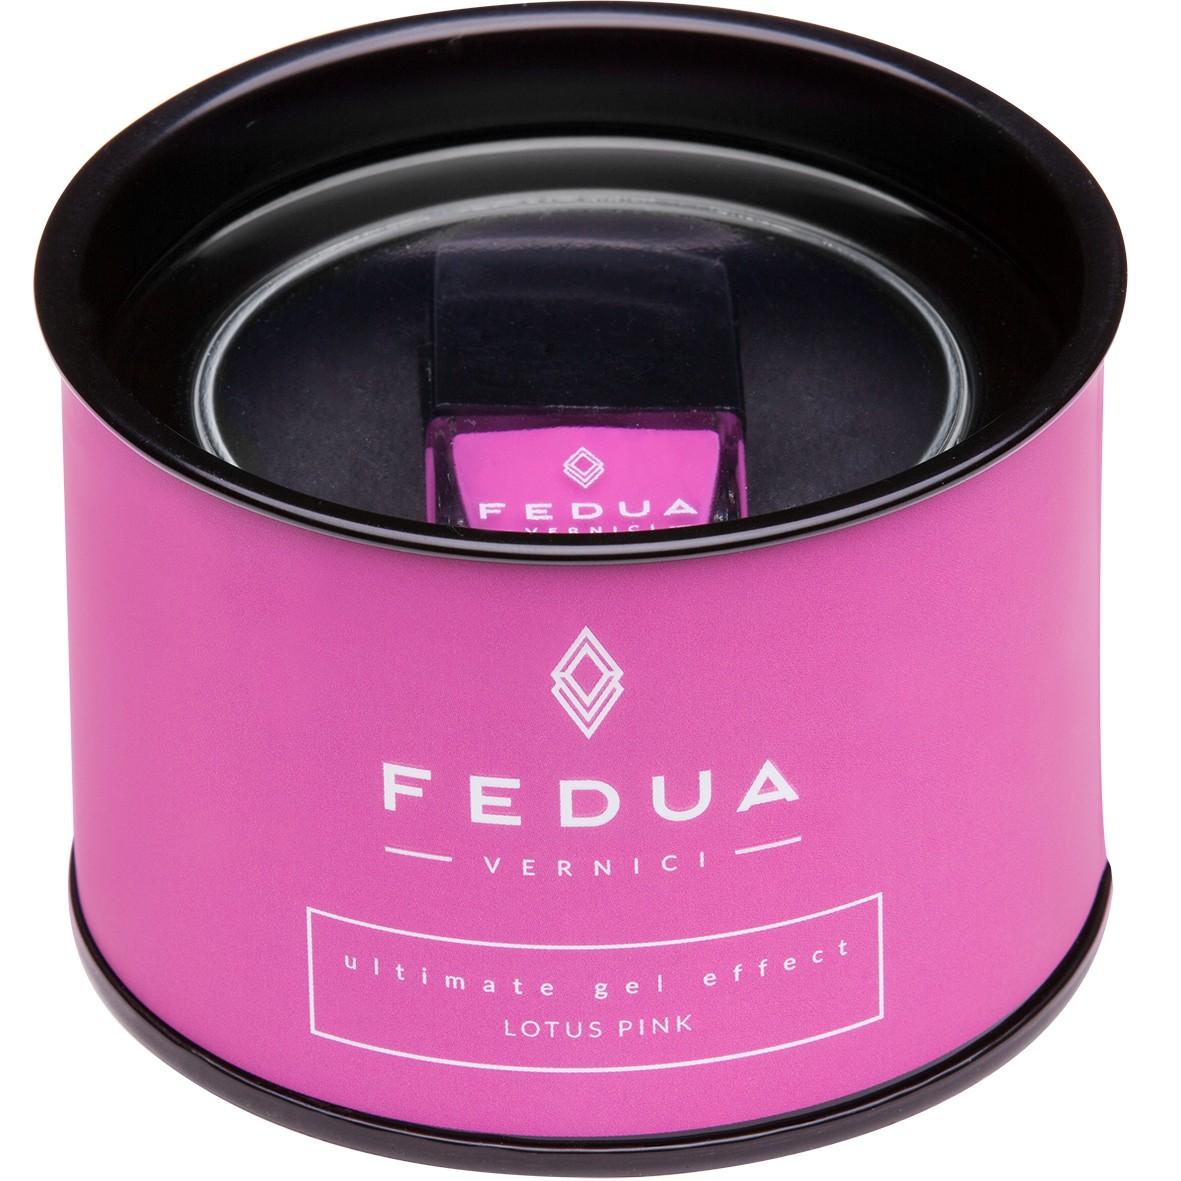 Lotus Pink - FEDUA